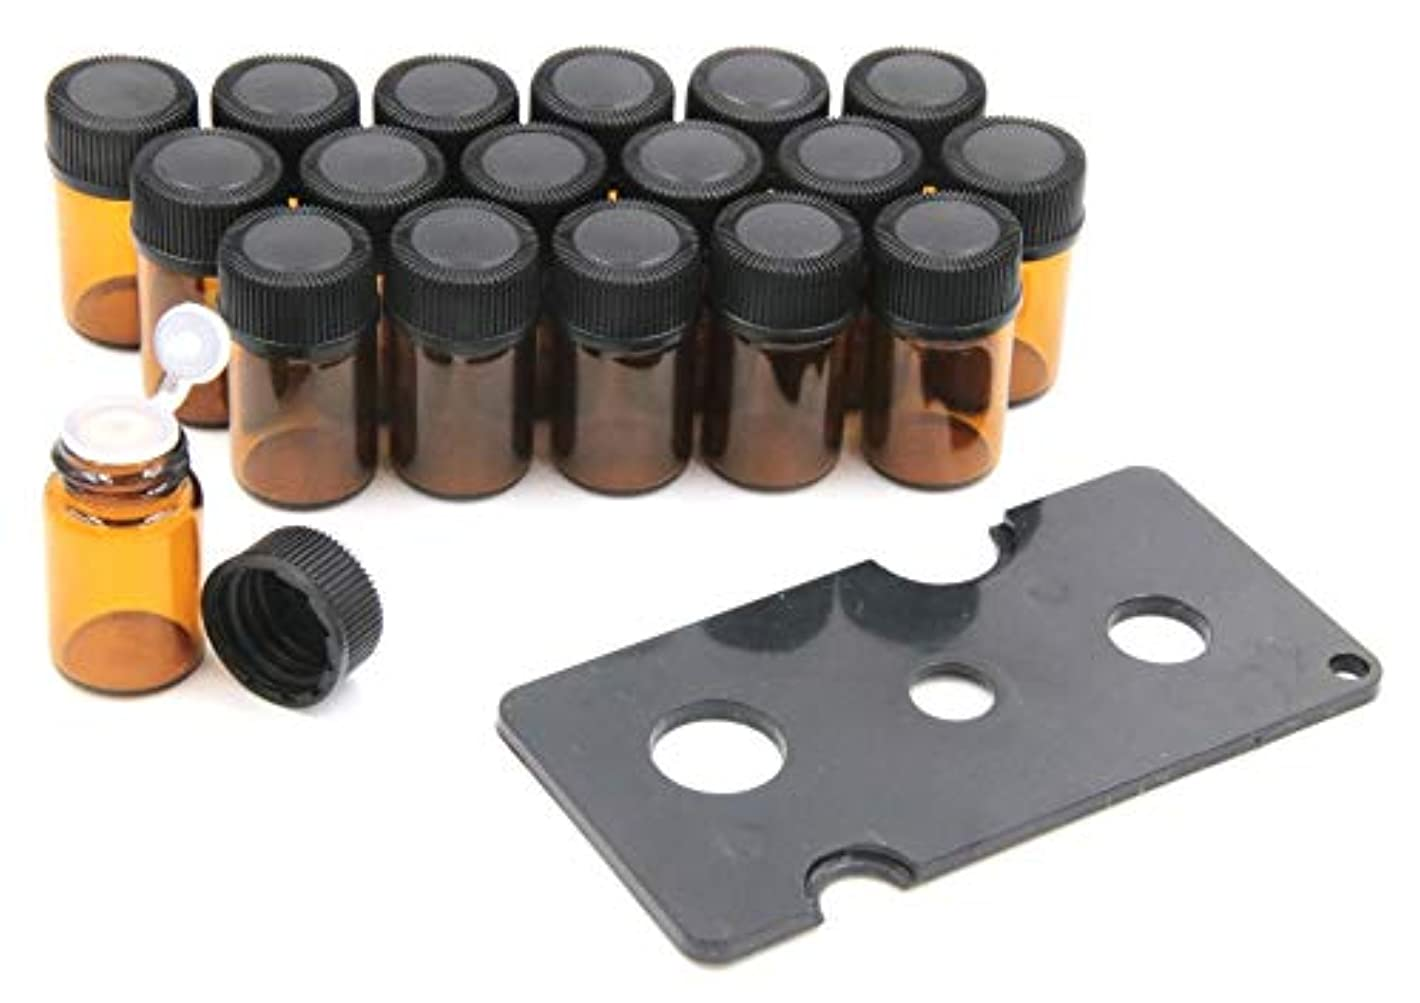 パフ獣耕すXPdesign アロマ 小分け遮光瓶 アロマオイル 遮光瓶 保存 容器 詰め替え 香水 ボトル 耐熱ガラス (2ml18本セット)